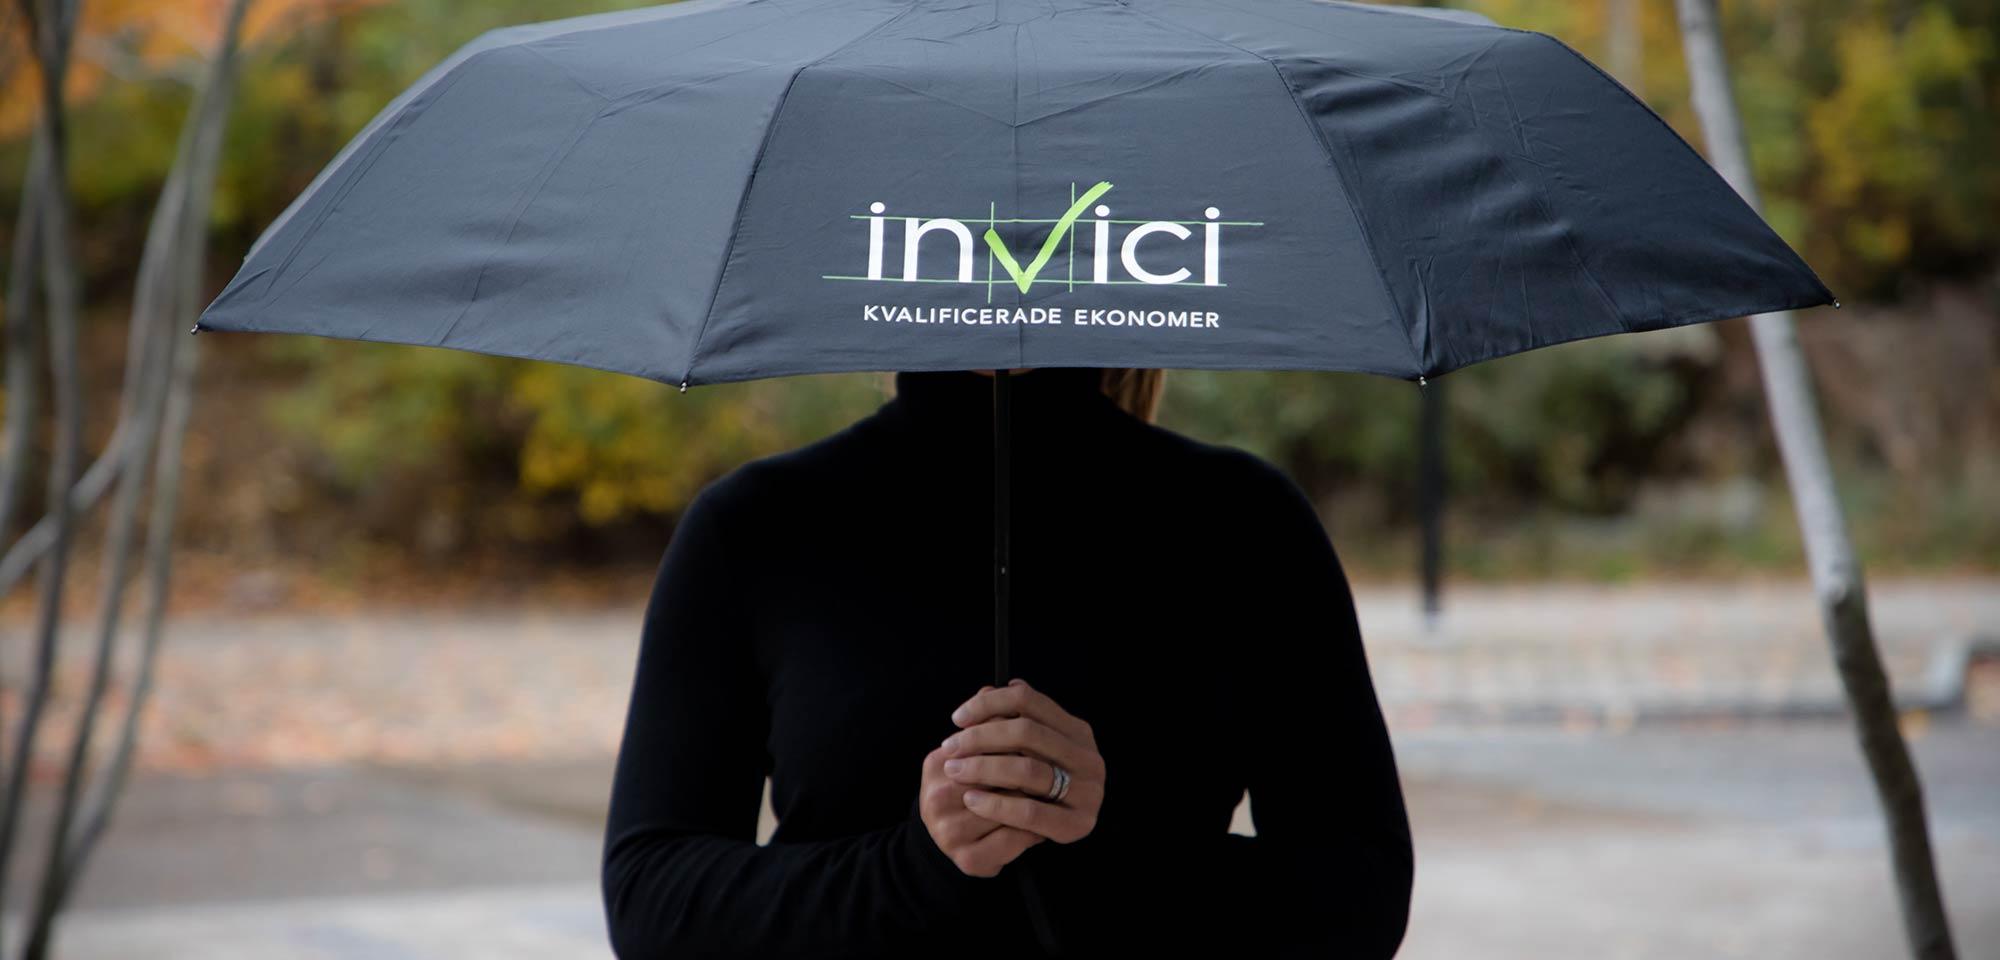 Invici paraply mäter kandidatupplevelse trustcruit